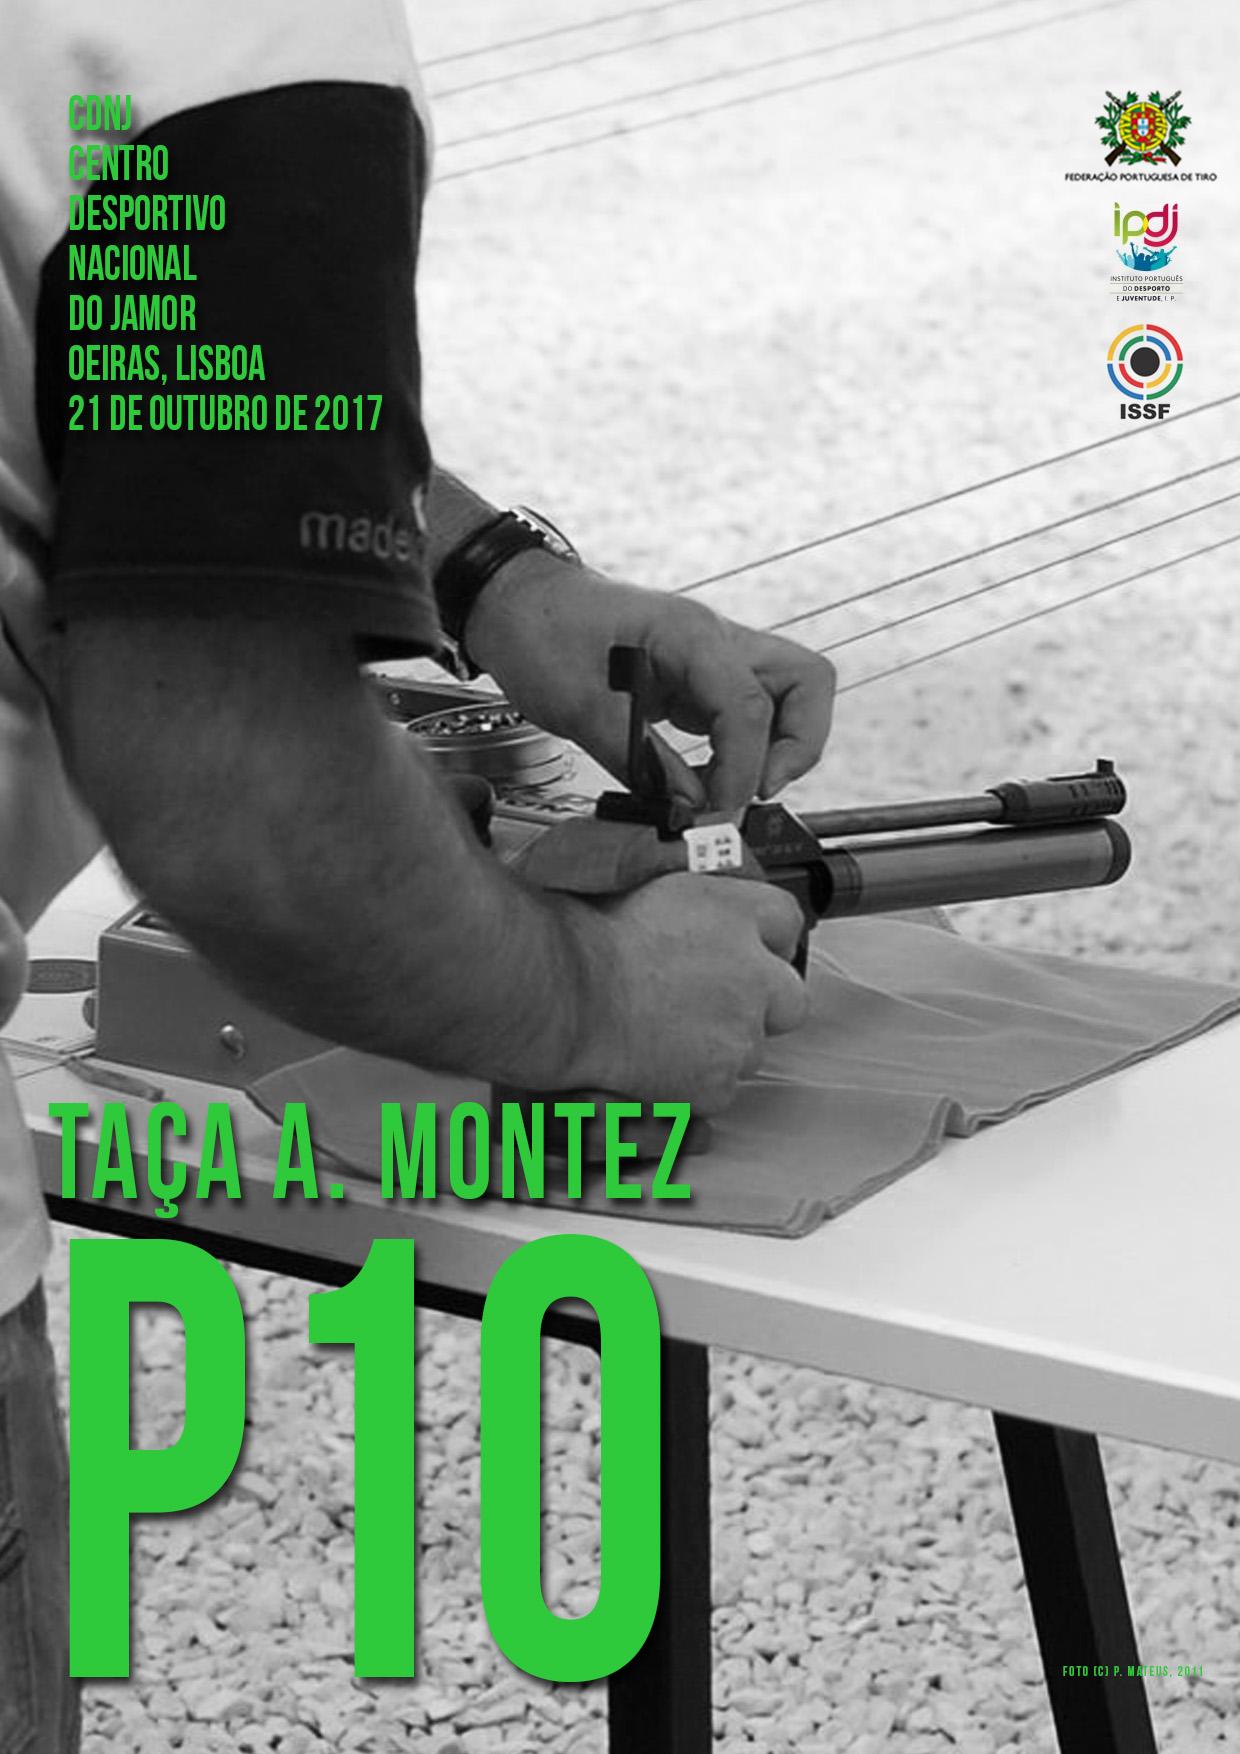 Taça A. Montez P10 2017